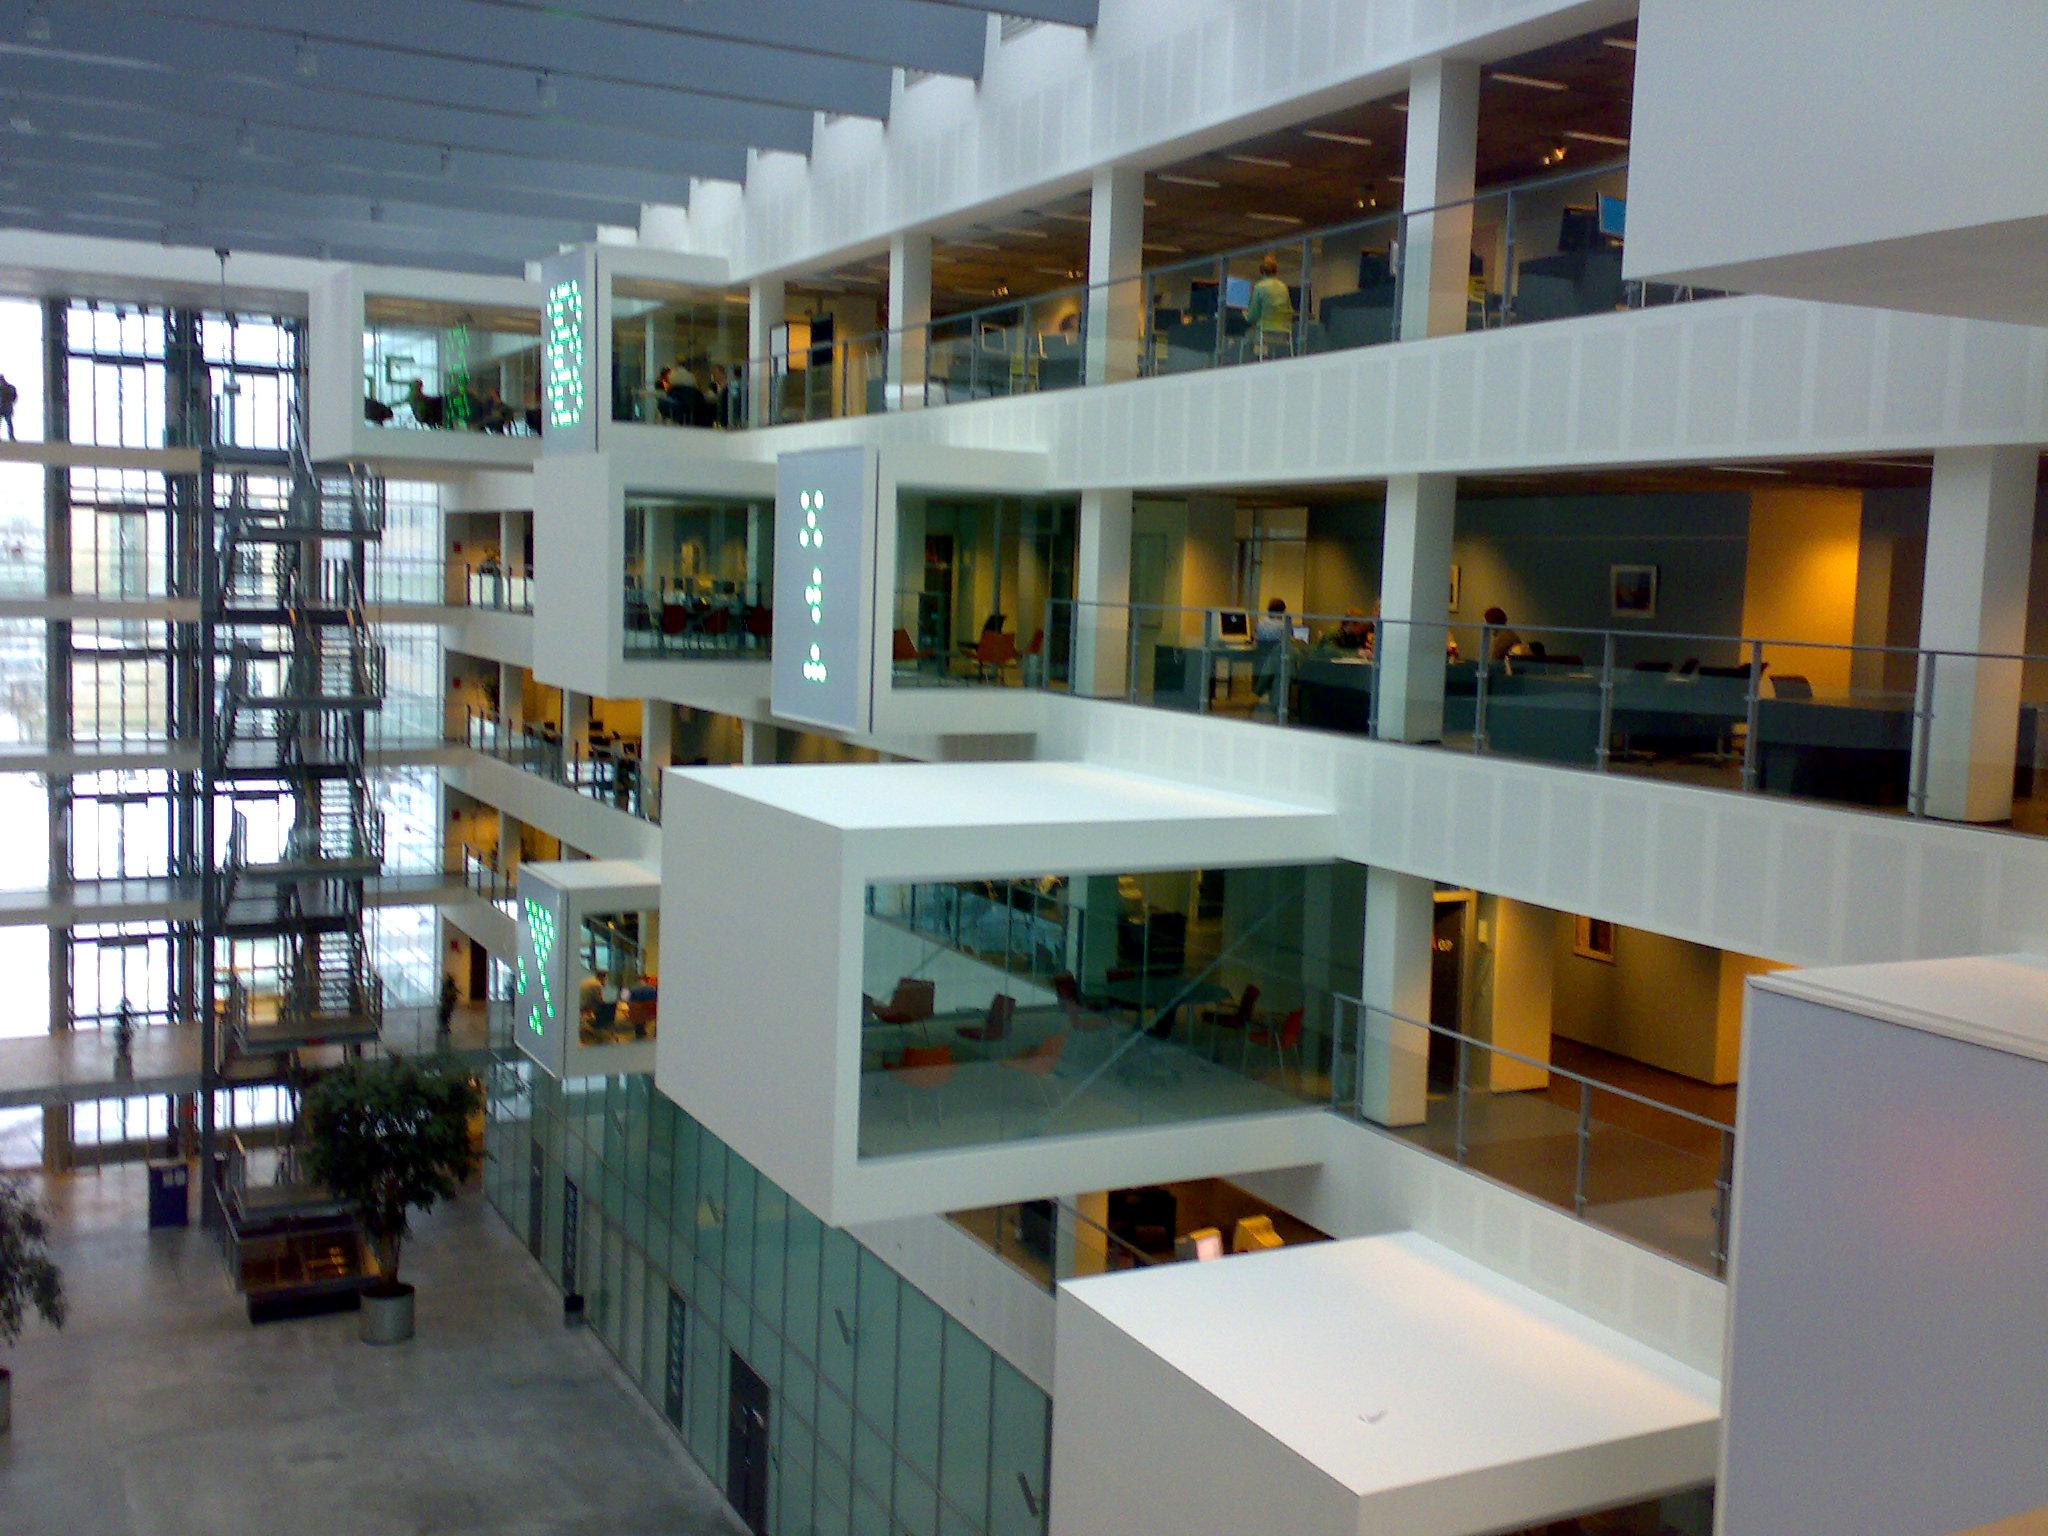 Uddannelse i København - Wikipedia, den frie encyklopædi